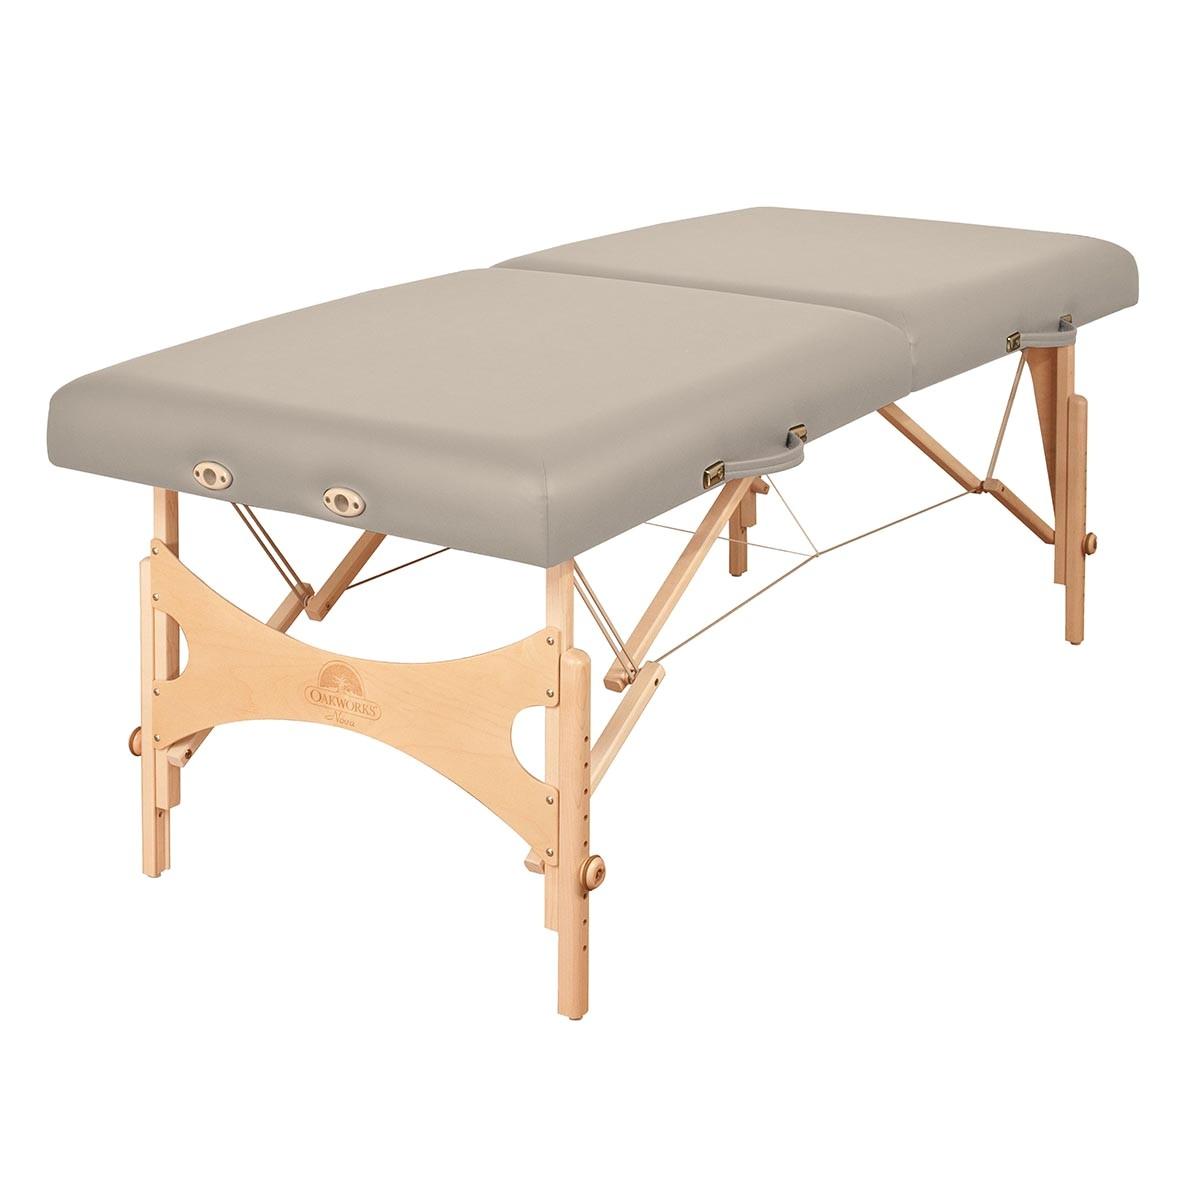 oakworks nova massage table only opal 31 w60701op3 p 944 21320